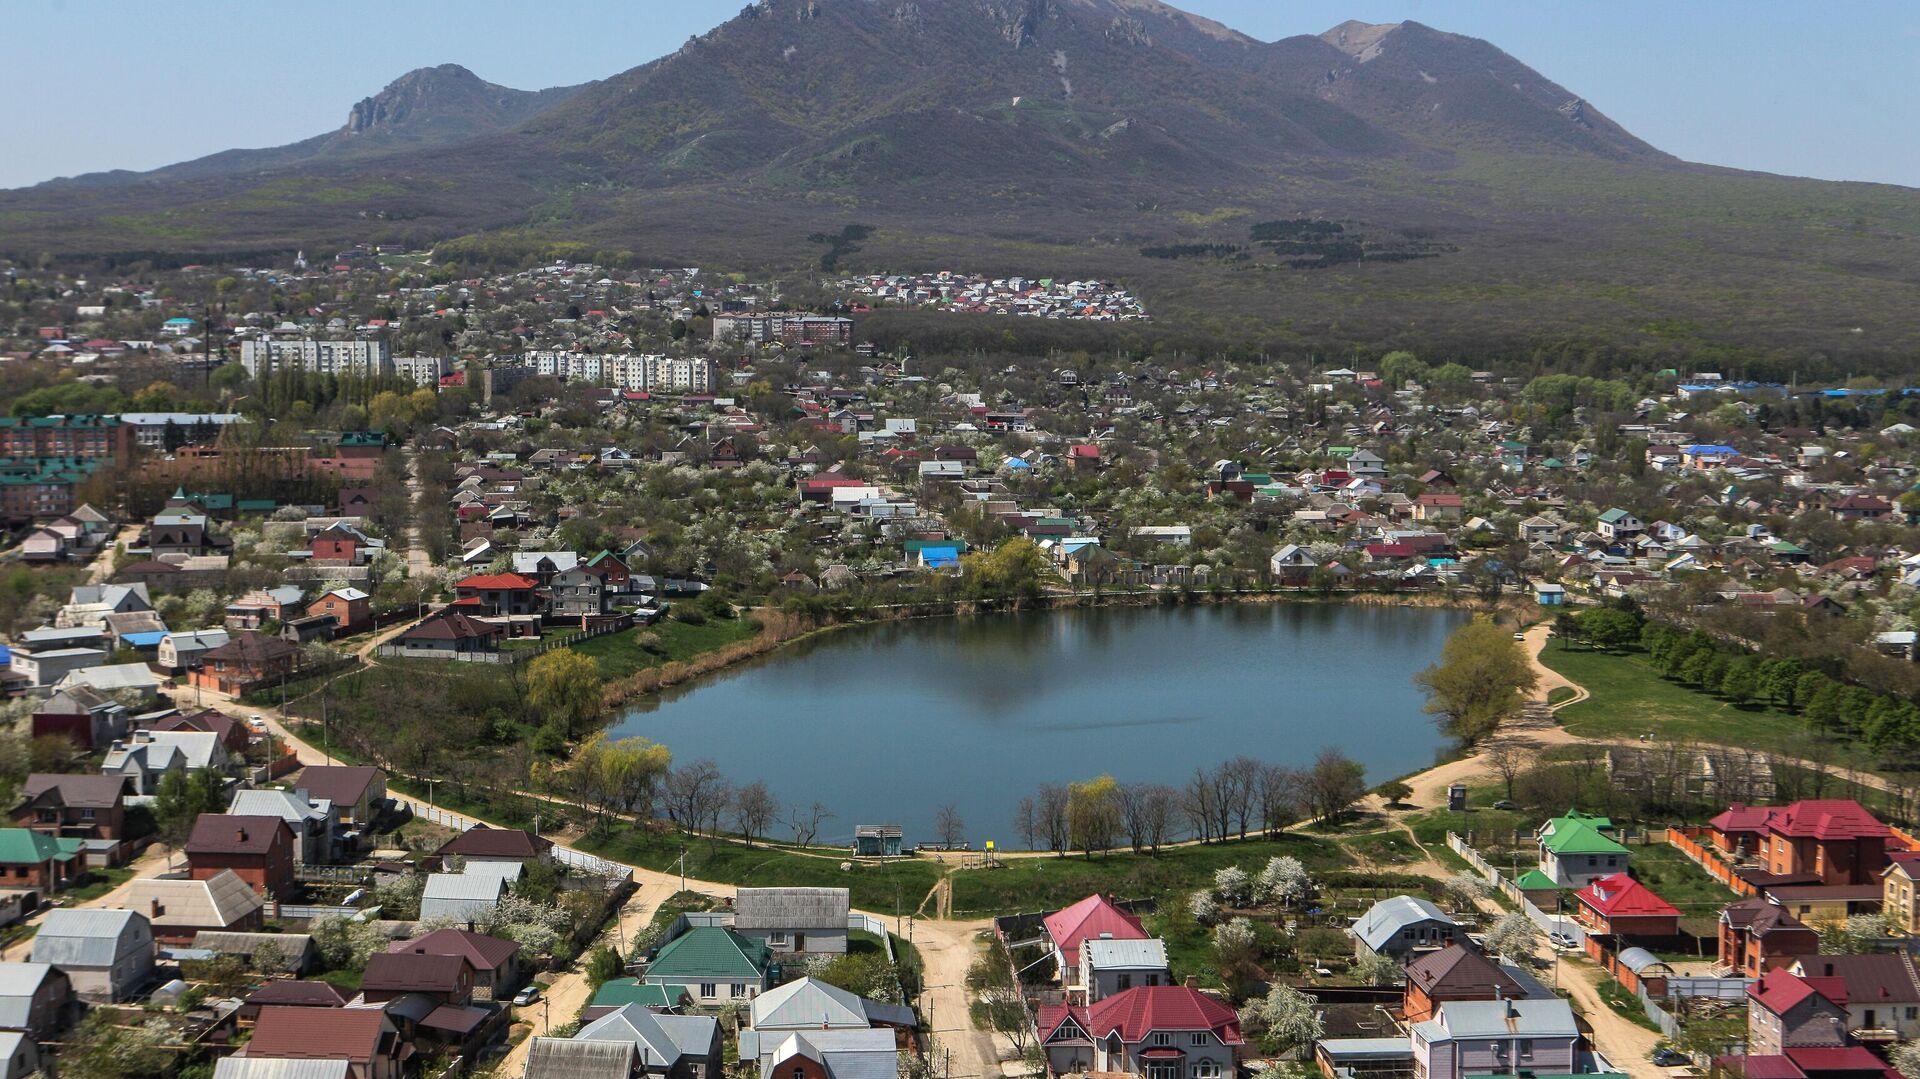 Вид на поселок Иноземцево в Карачаево-Черкесии - РИА Новости, 1920, 03.06.2021